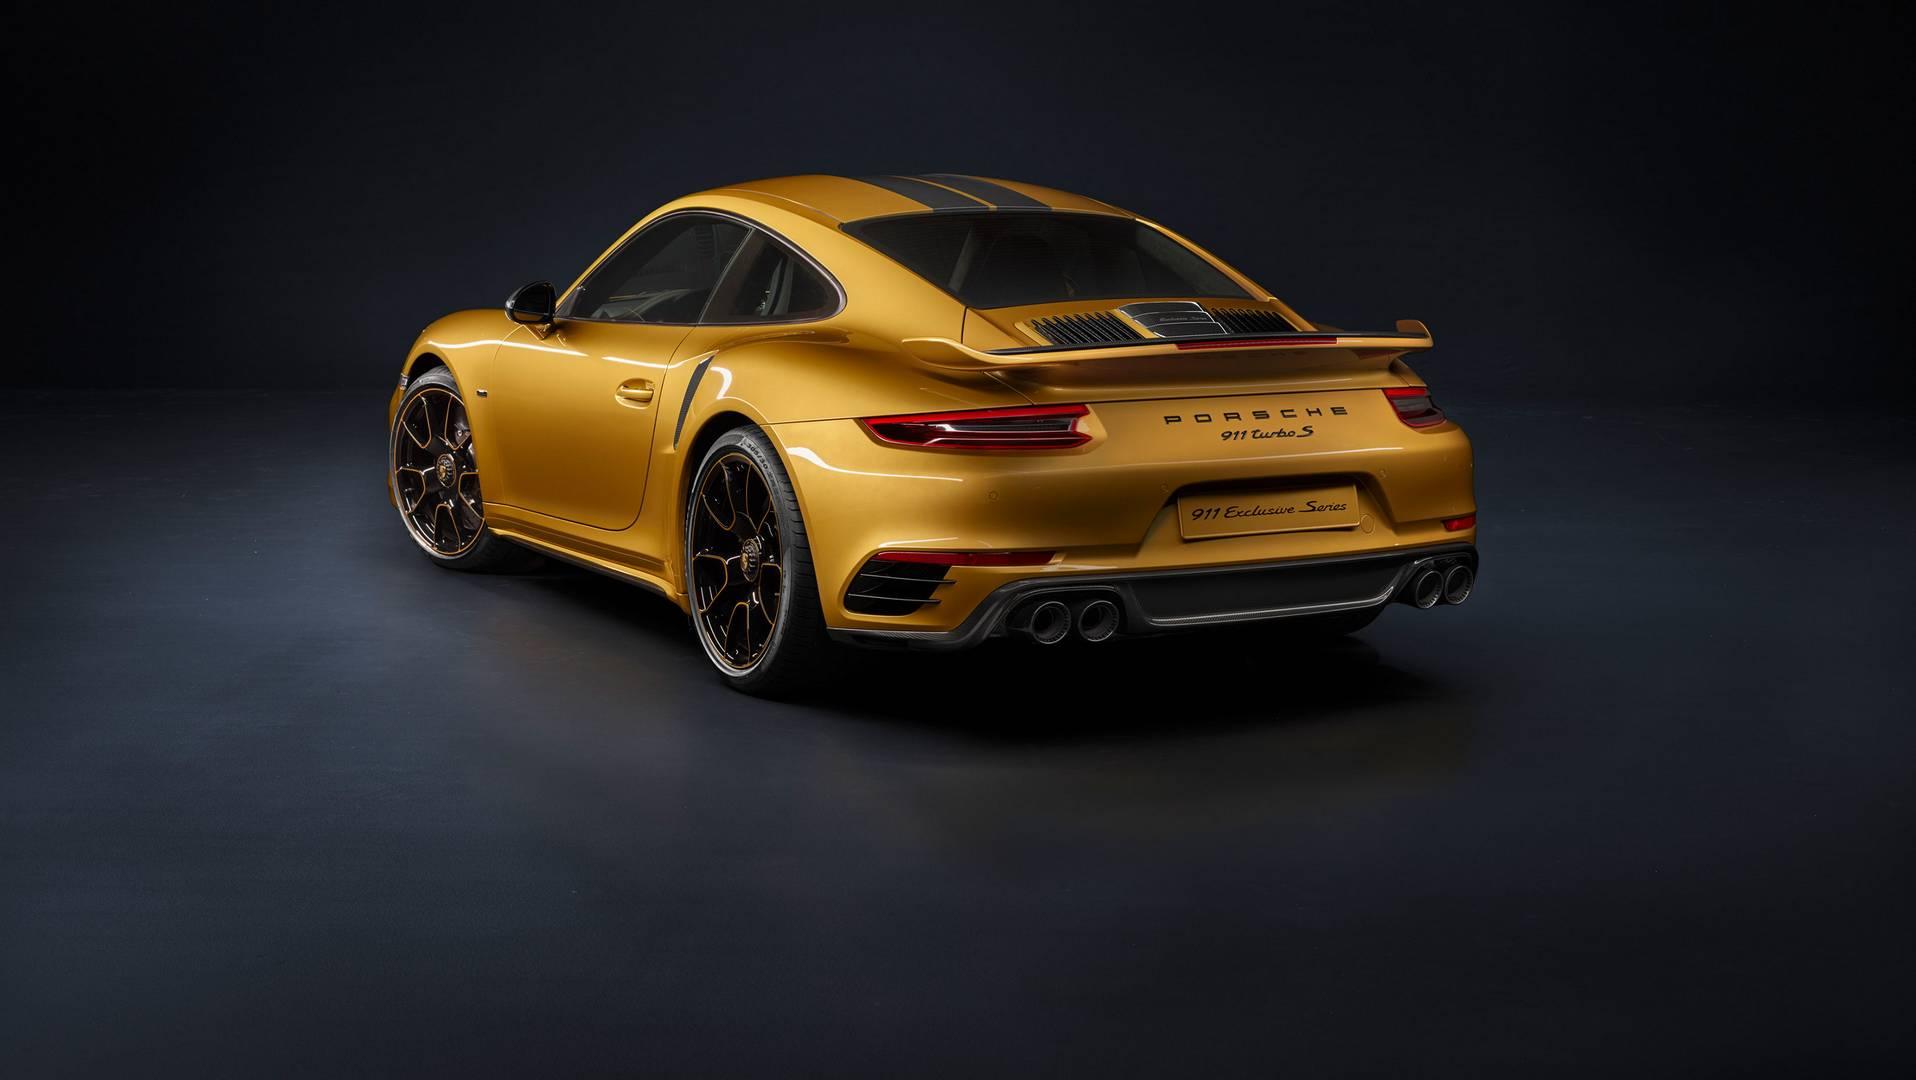 Очередной Porsche 911, говорите? Да, но этот особенный - это ограниченное издание!